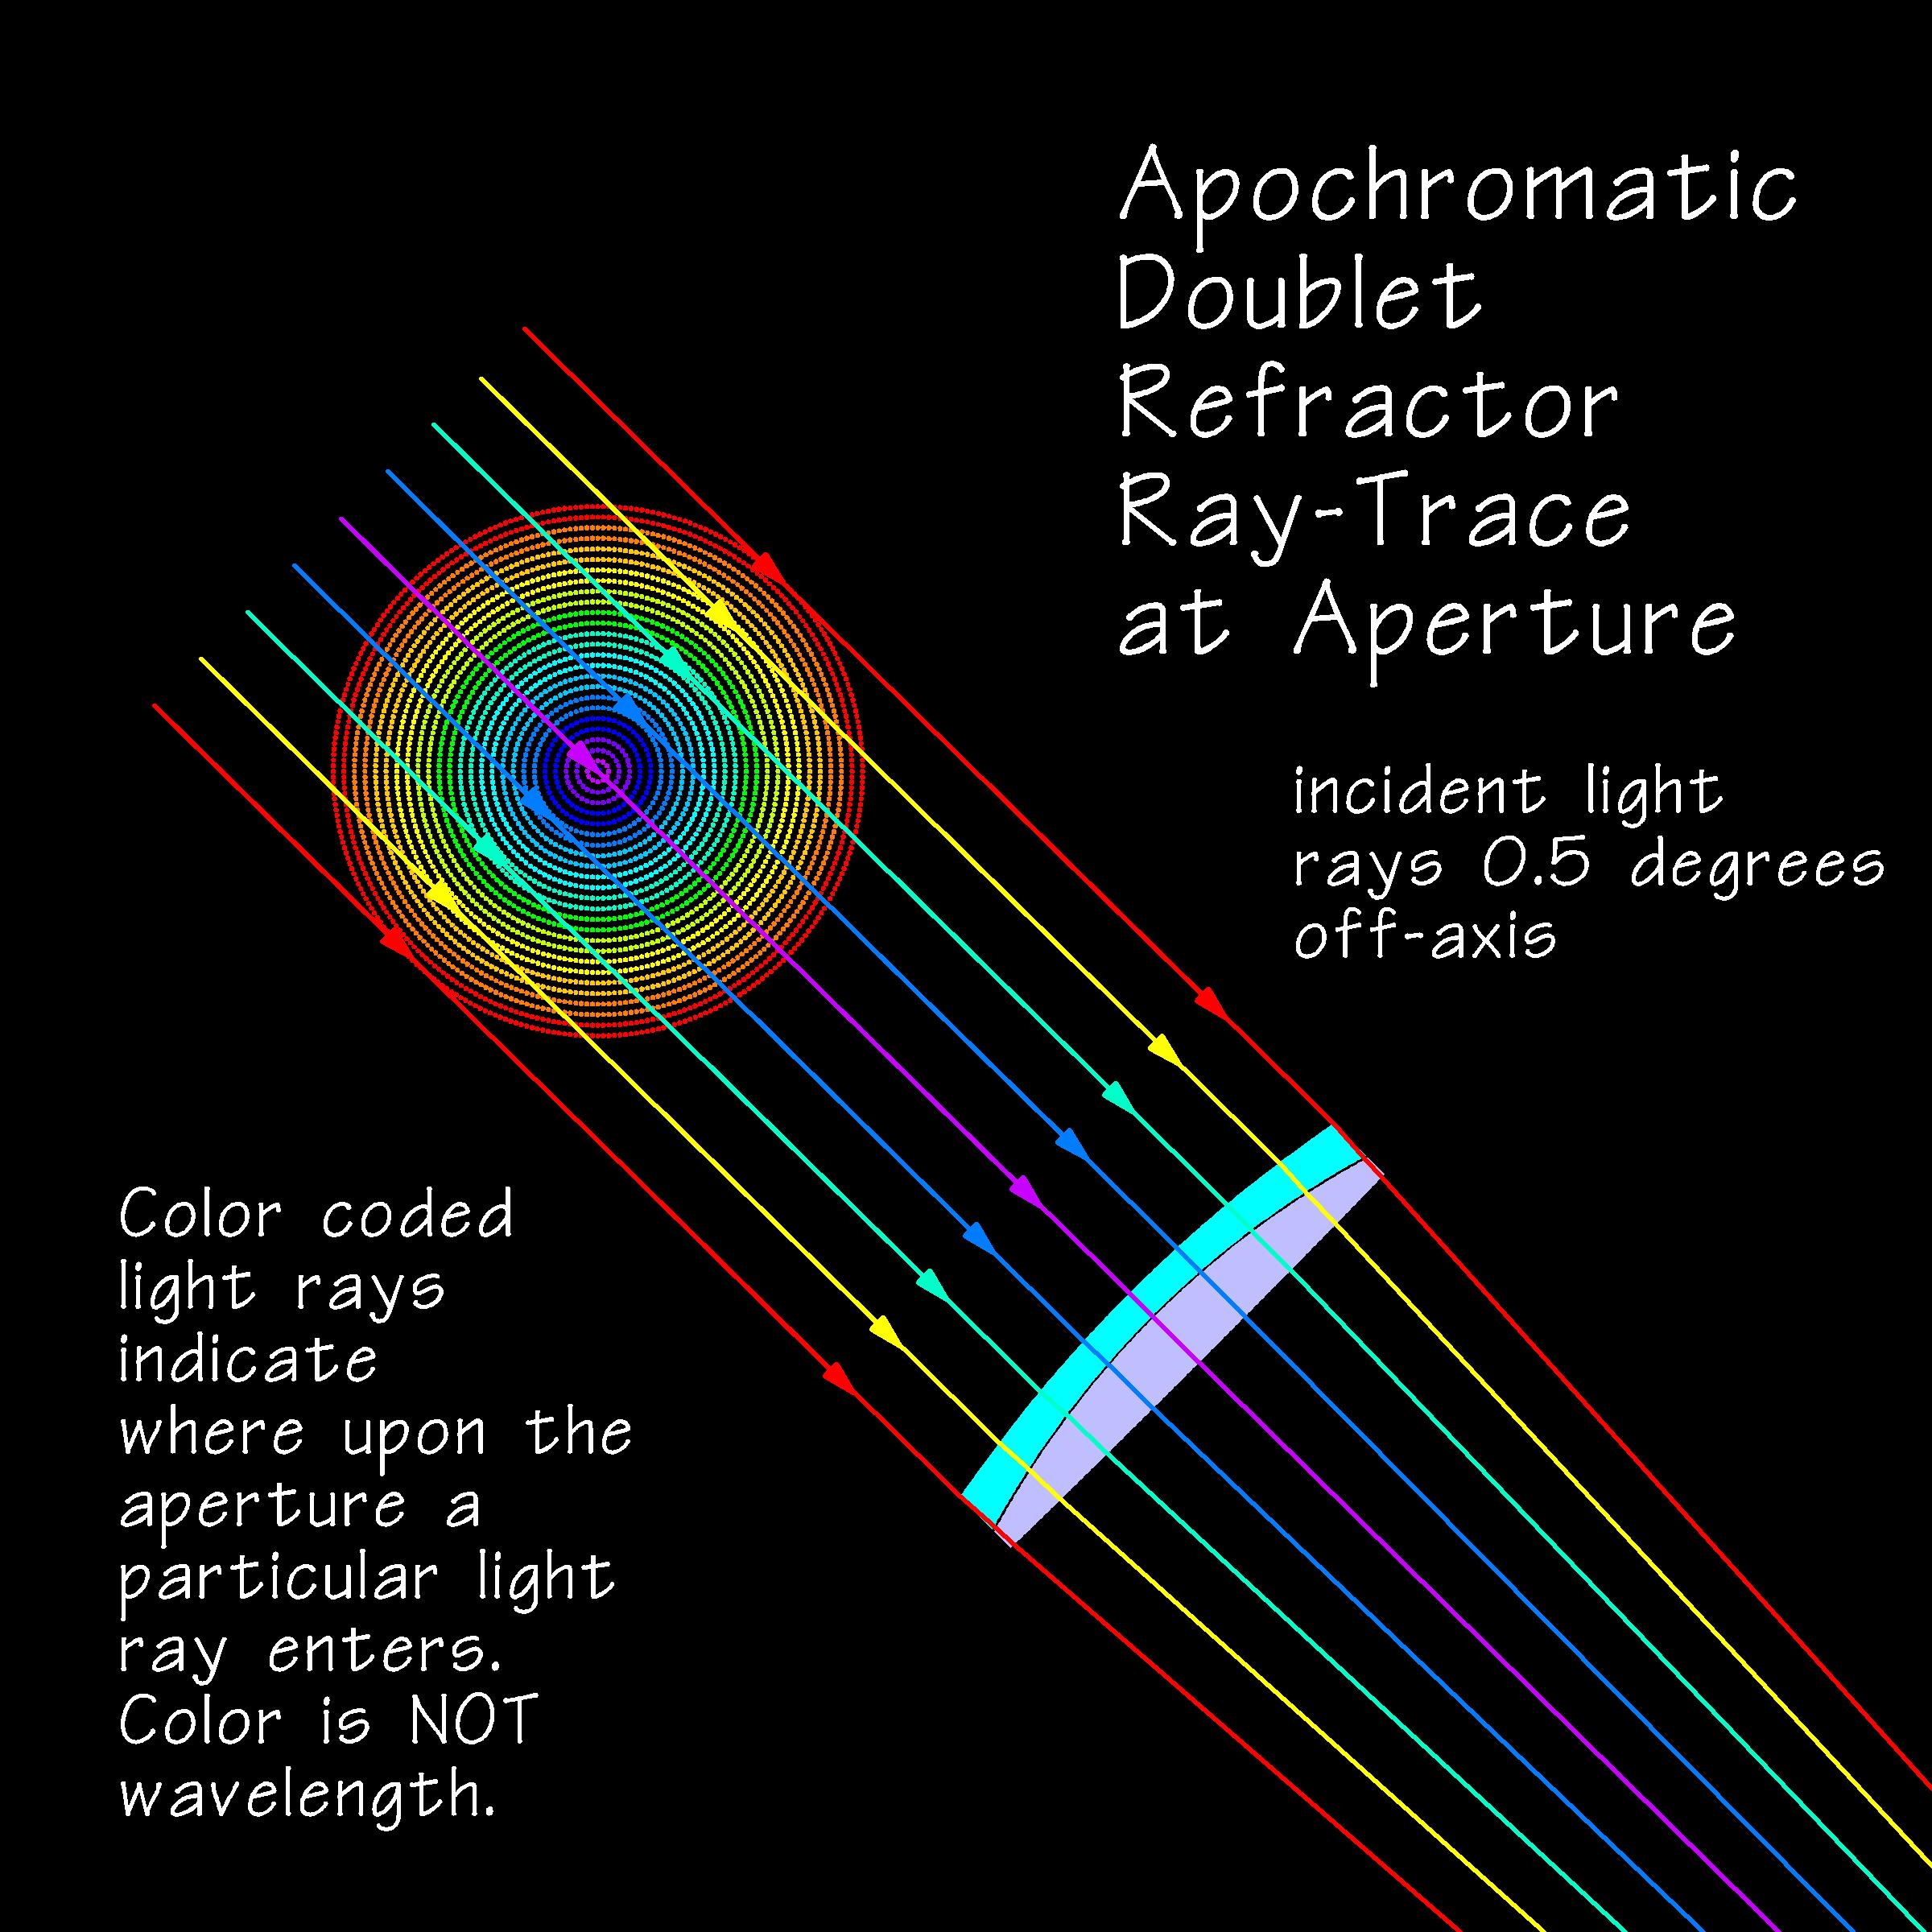 RayTraceRefractorAperture